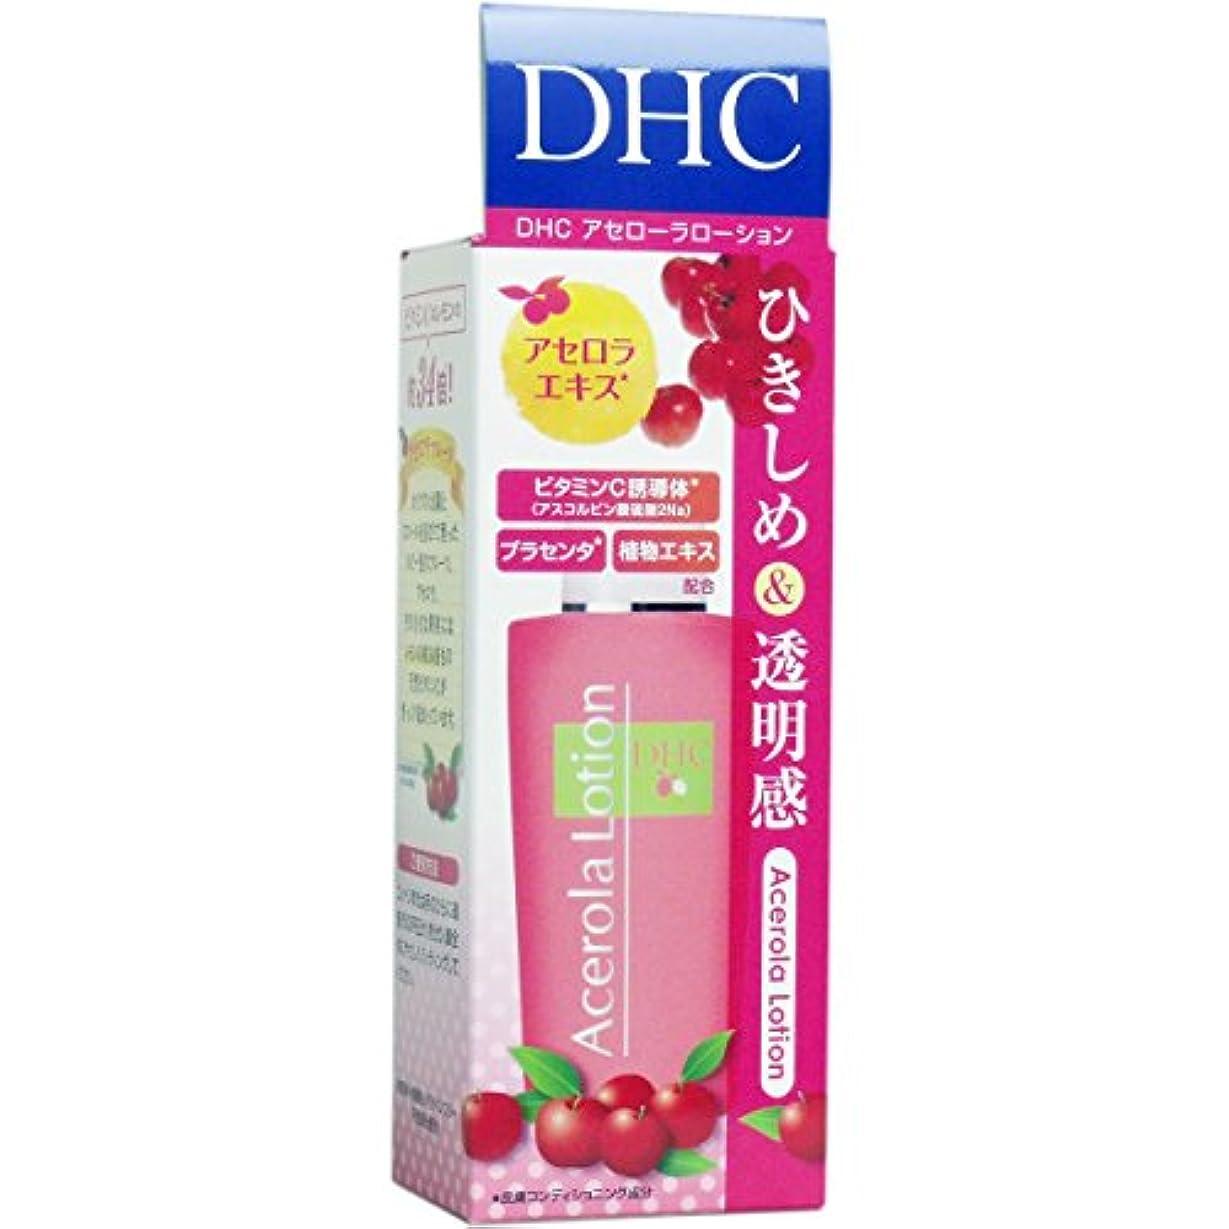 半径燃やすでる【DHC】DHC アセローラローション(SS) 40ml ×10個セット